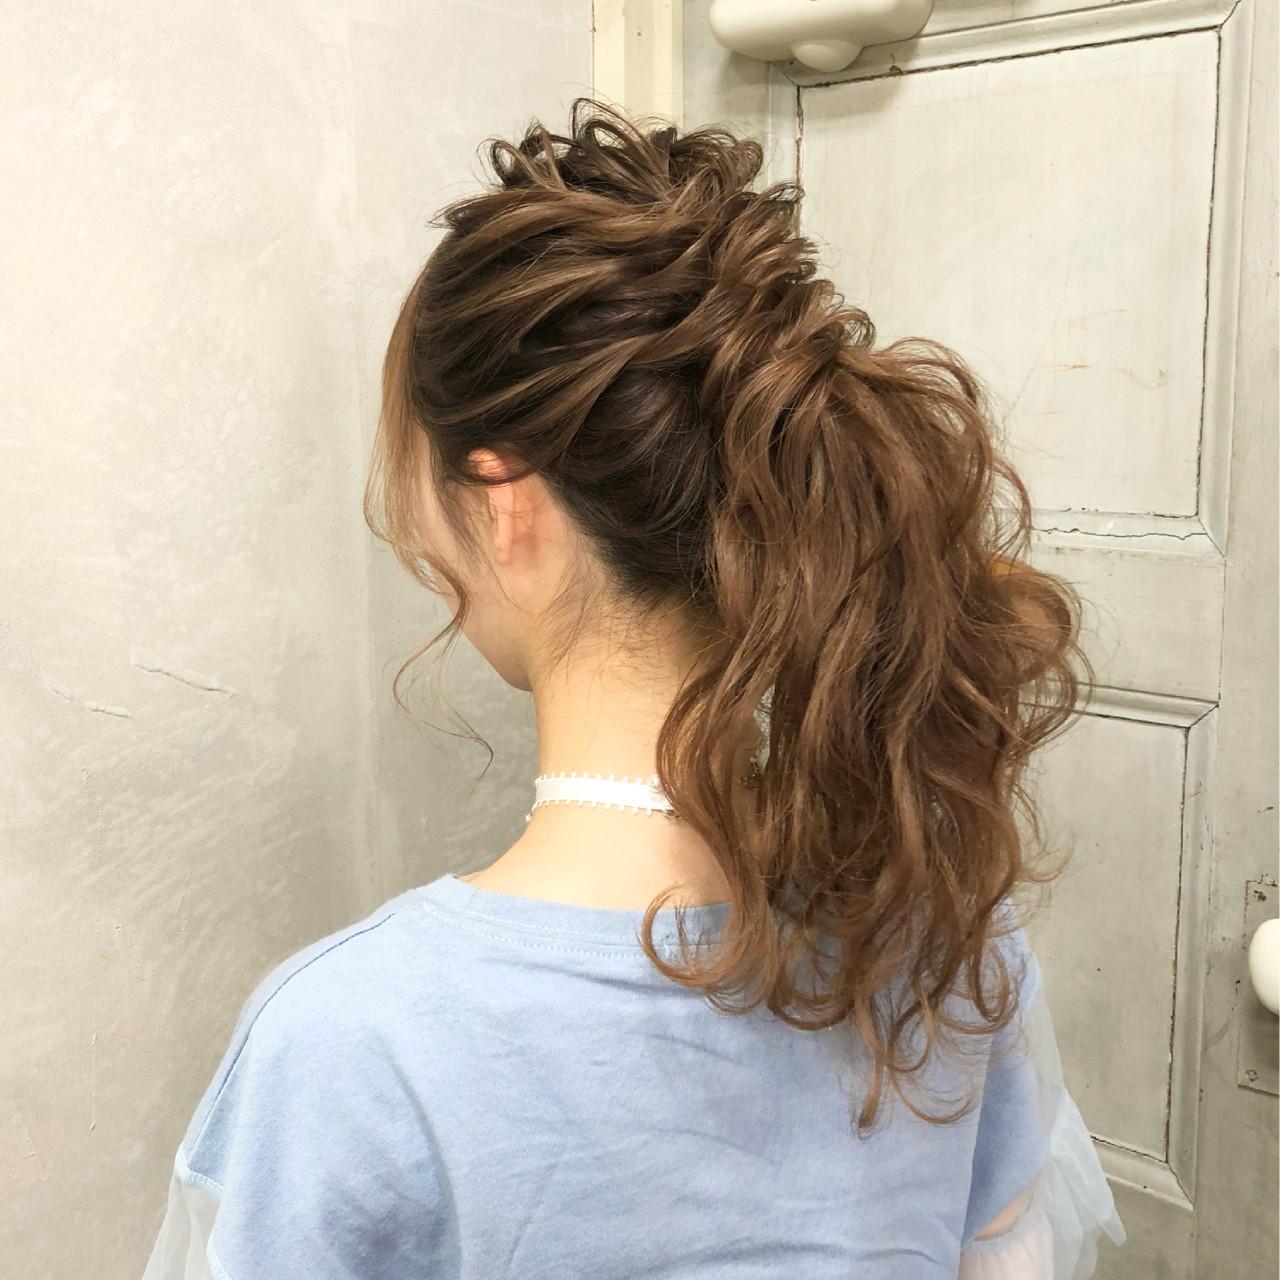 エレガント 大人かわいい ロング ポニーテール ヘアスタイルや髪型の写真・画像